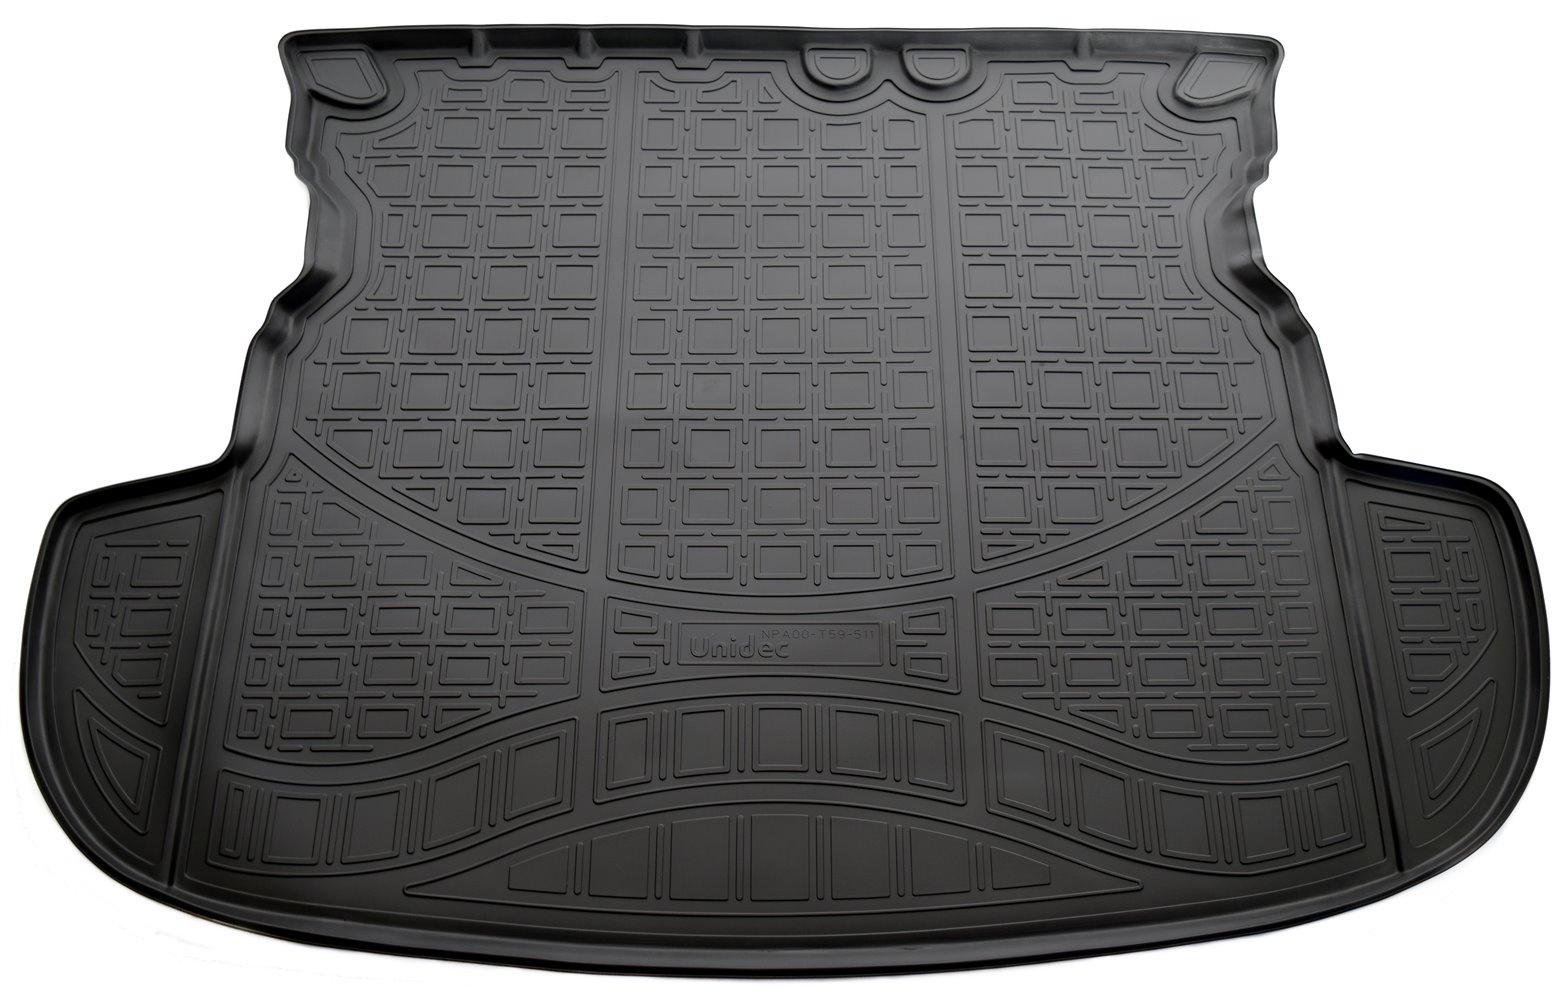 Коврик для багажника Norplast для Mitsubishi Outlander, 2012, NPA00-T59-511, черный комплект ковриков салона и багажника rival для mitsubishi outlander без органайзера 2012 н в полиуретан k14002002 4